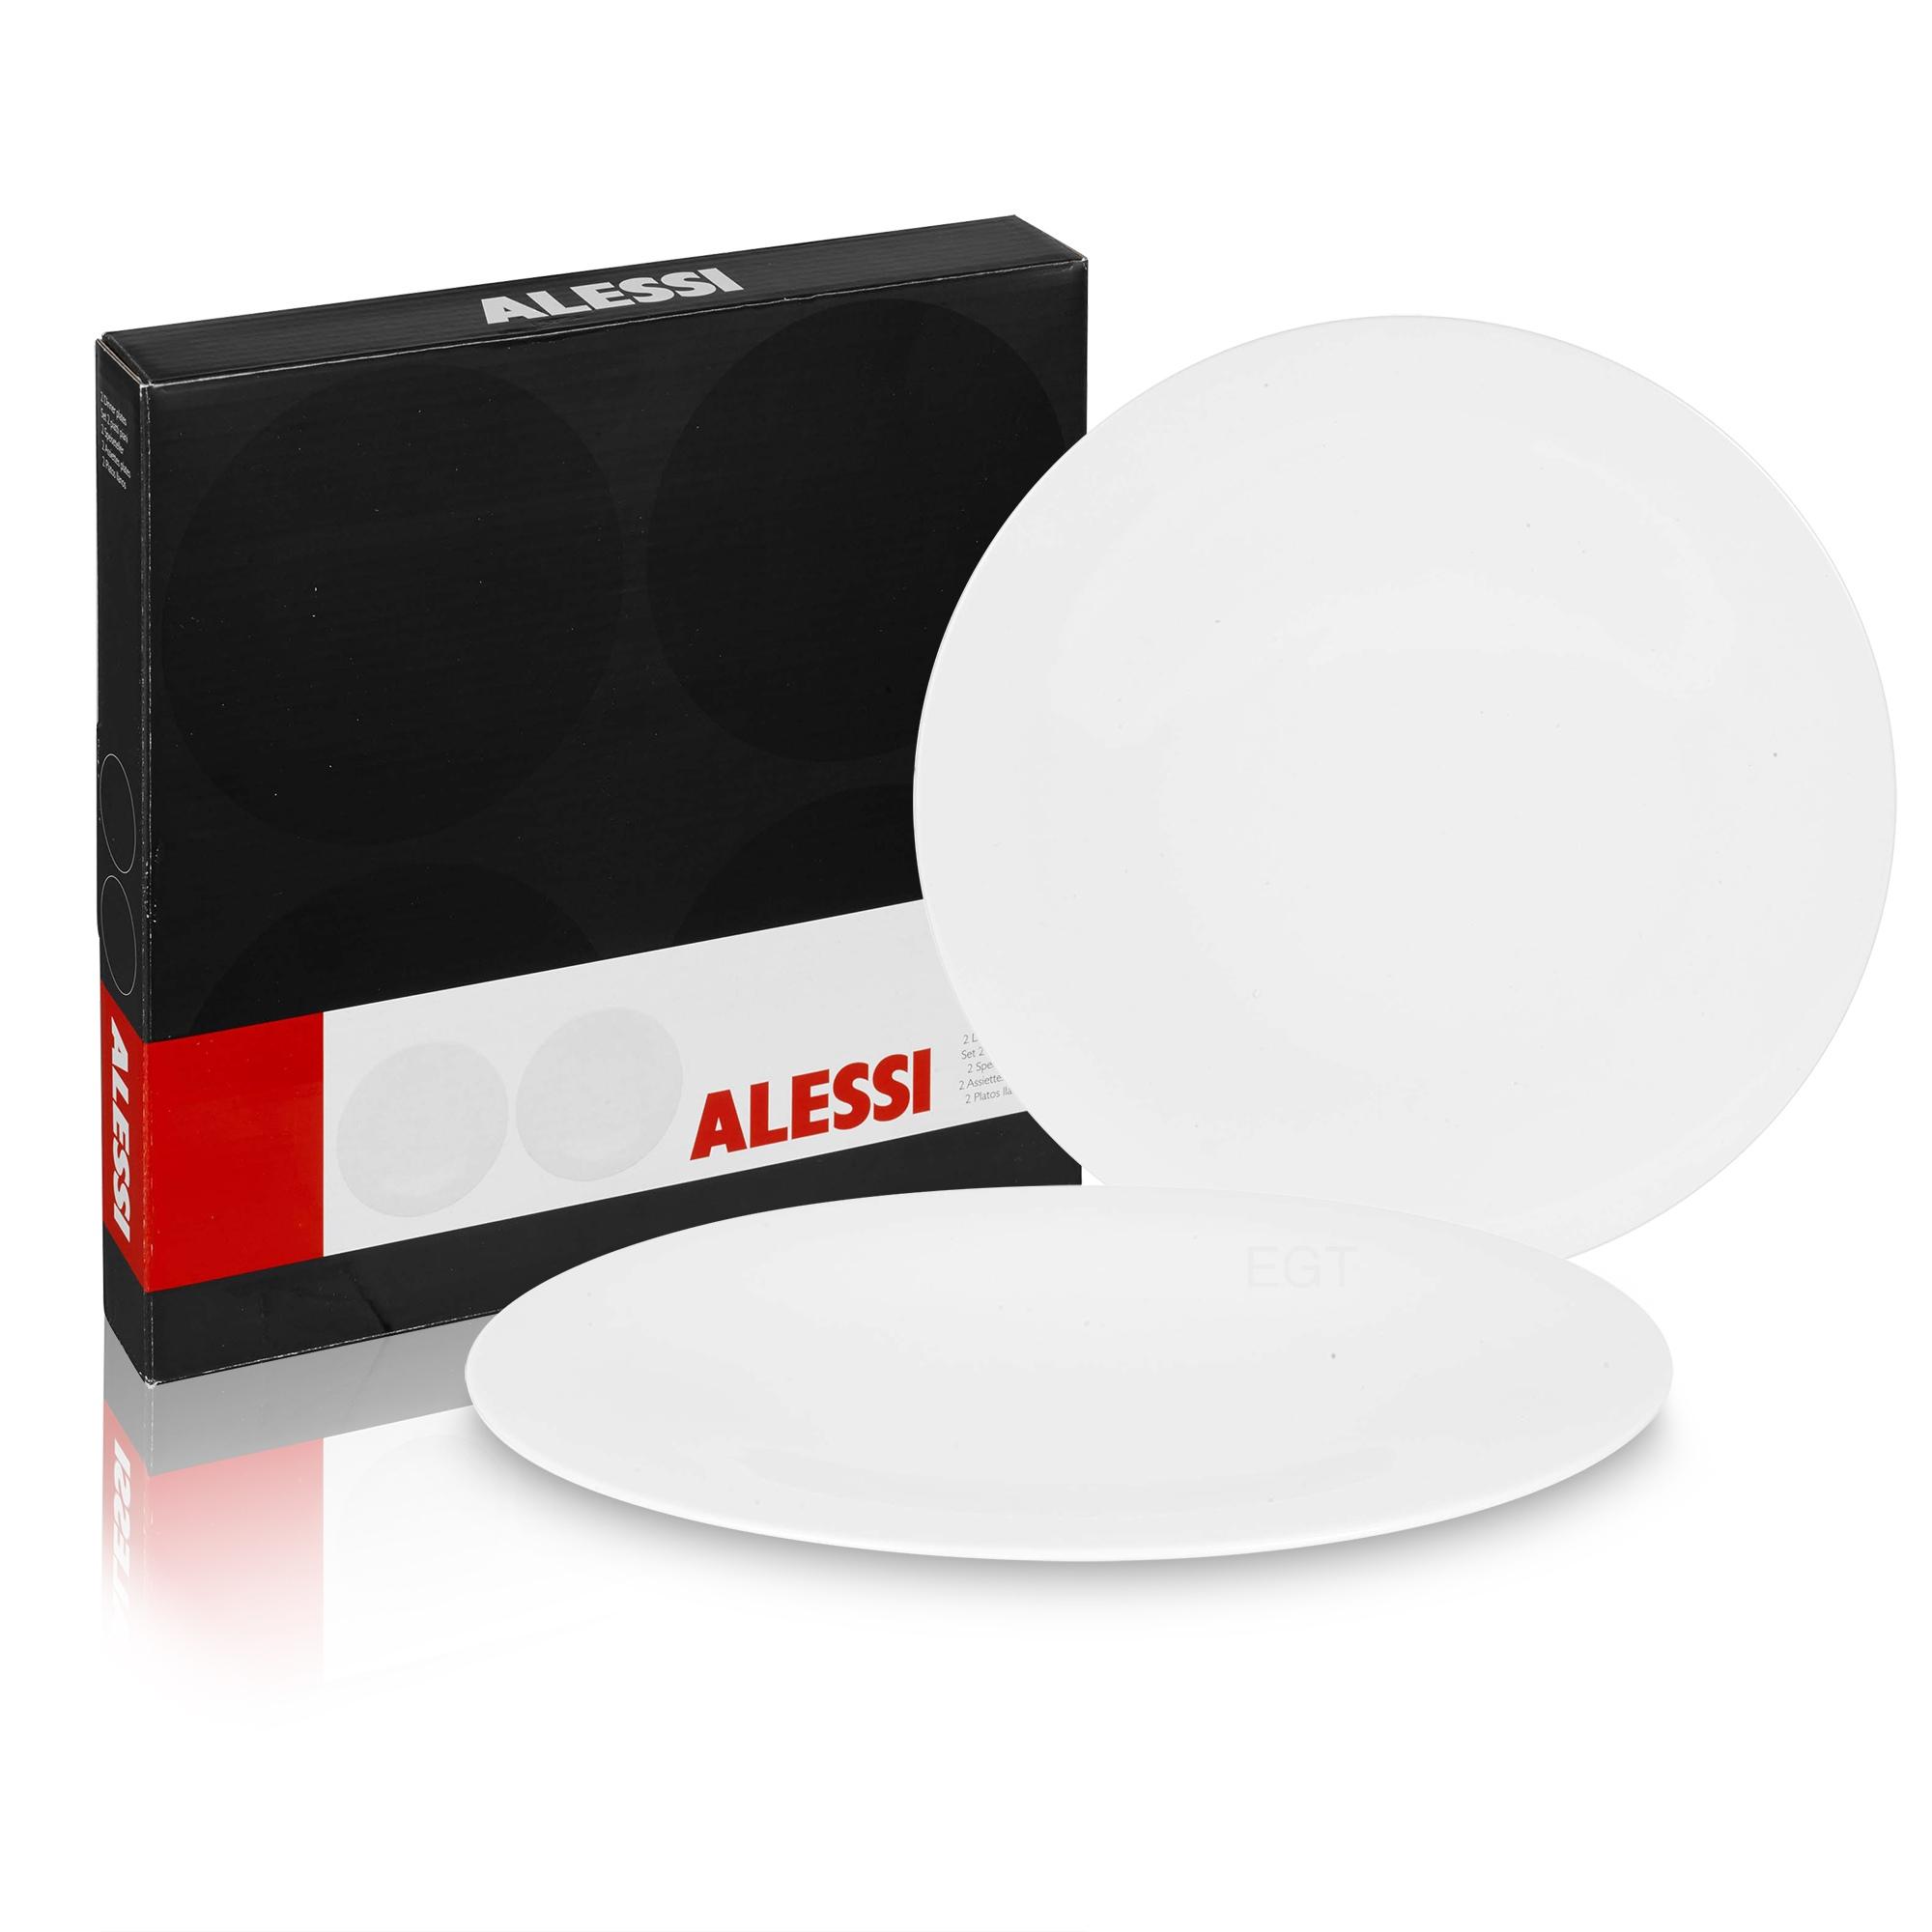 Alessi KU Set of 6 Modern Porcelain Design Dinner Plates Tableware ...